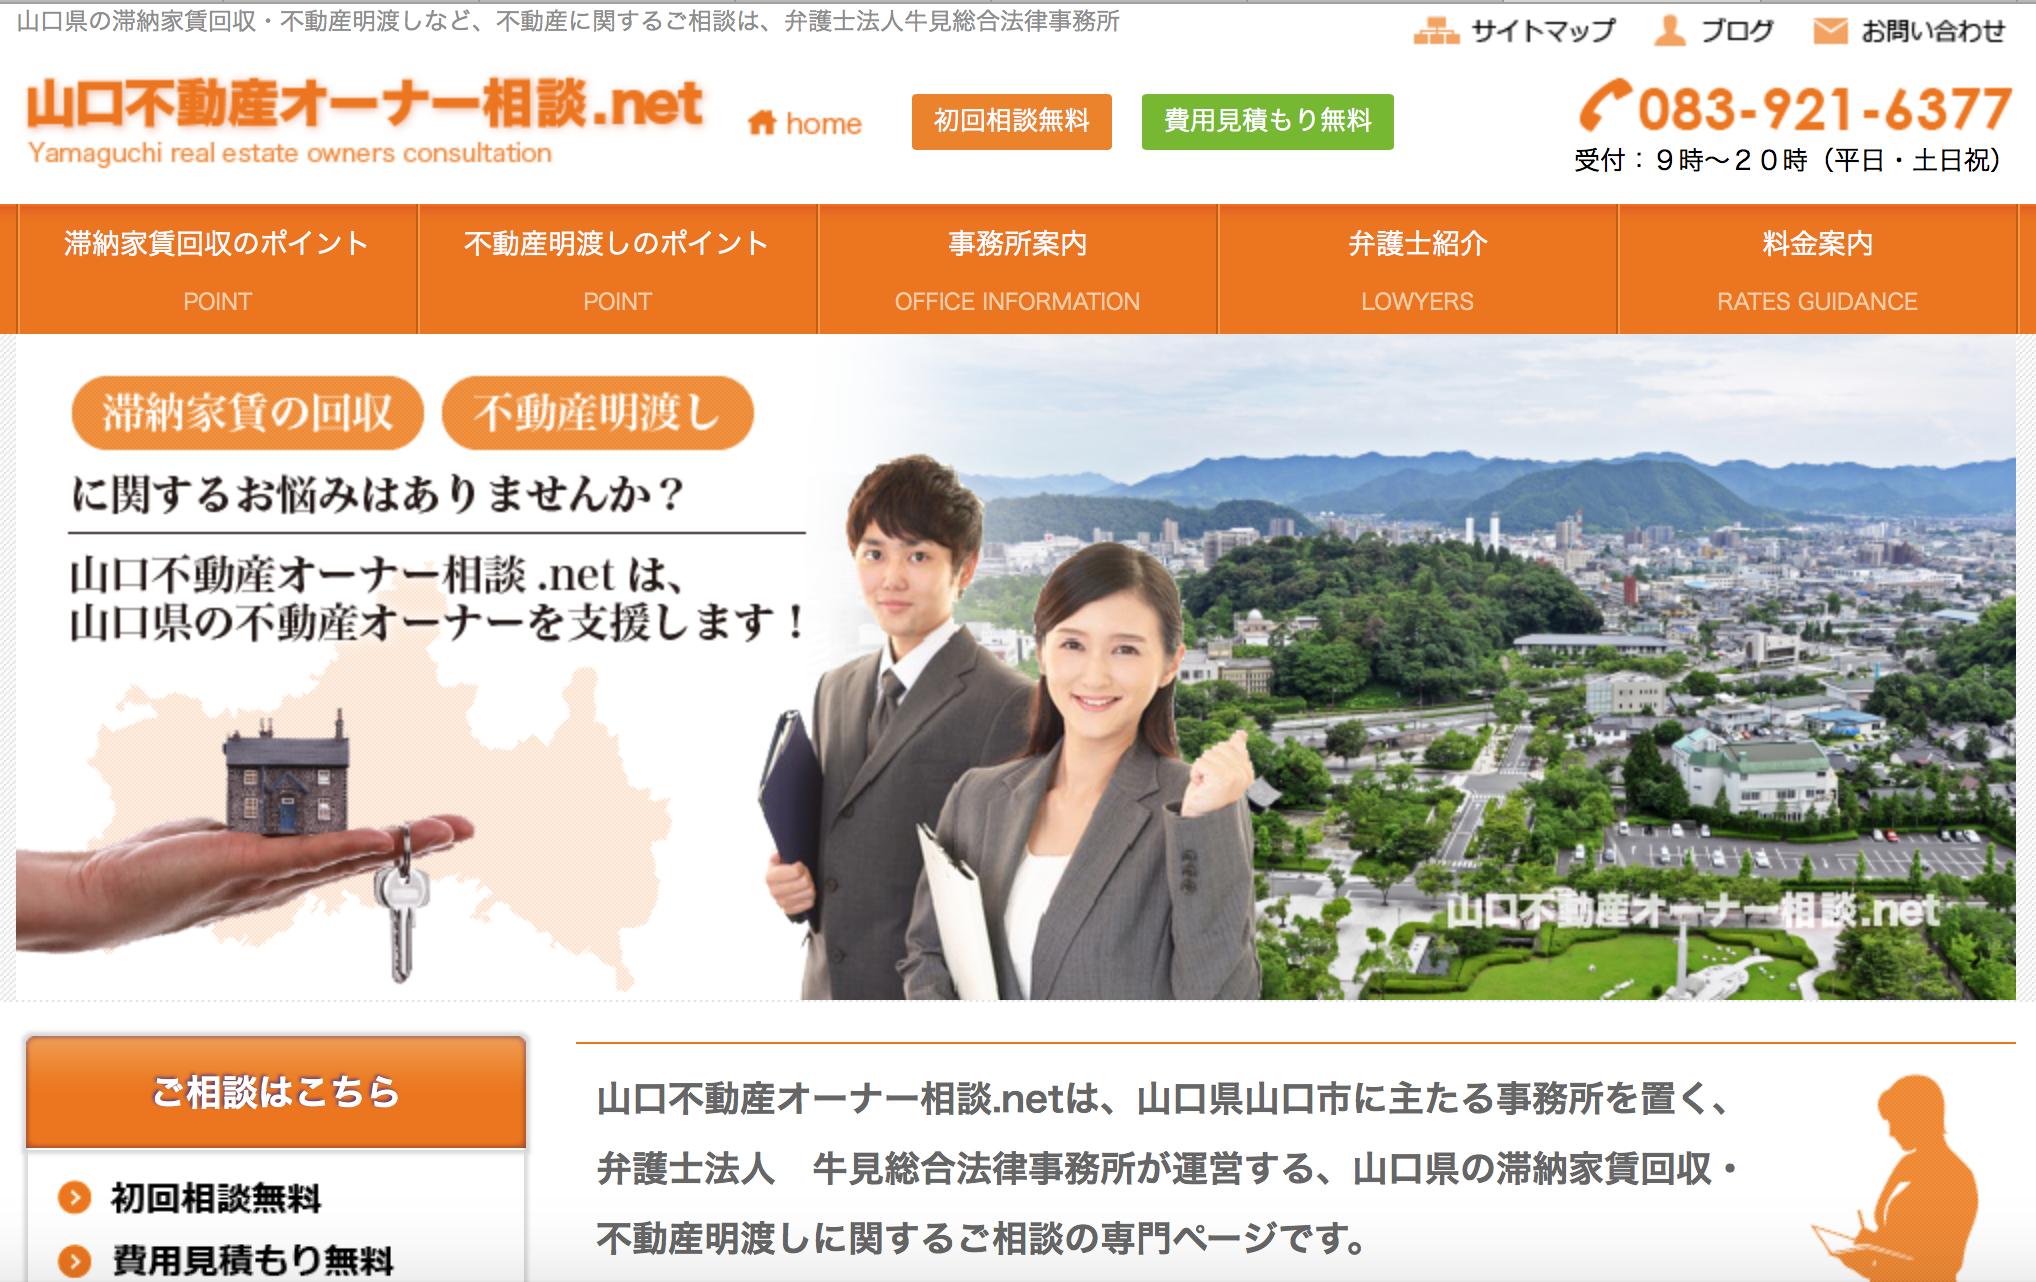 山口不動産オーナー相談.net トップ